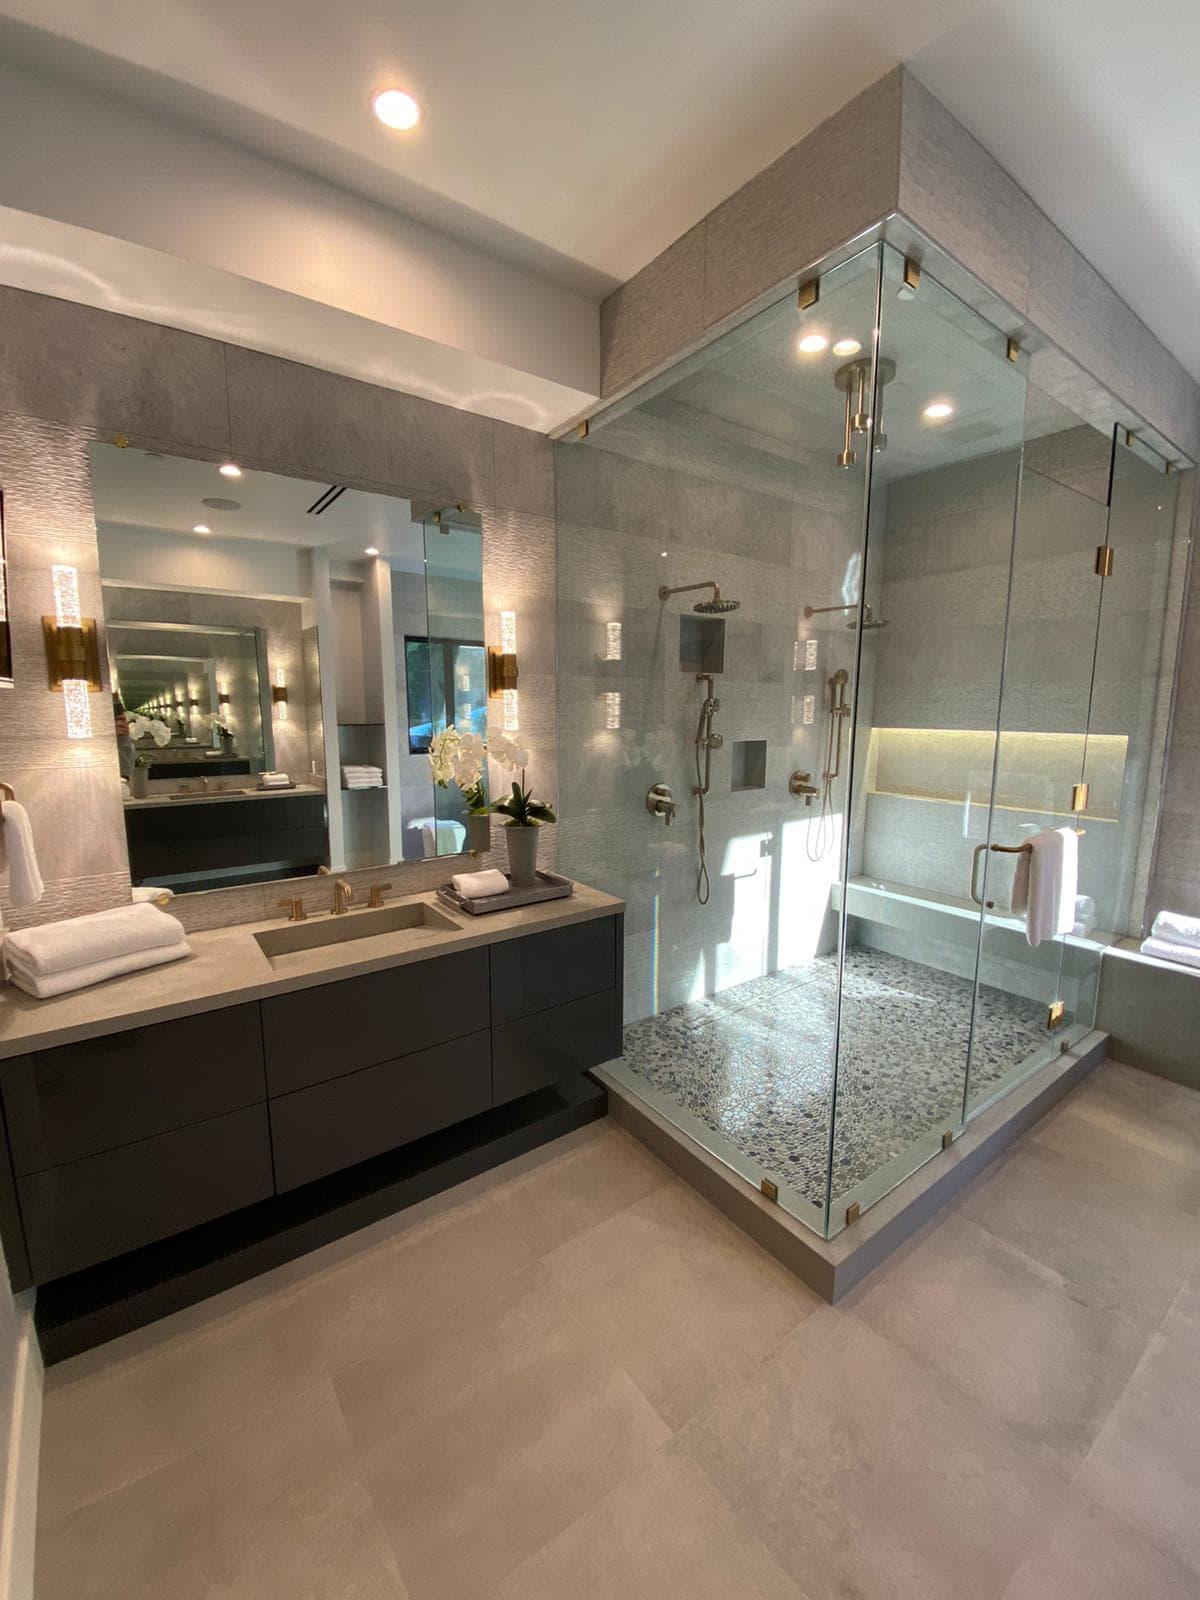 Home Remodeling Los Angeles | Oran Remodeling